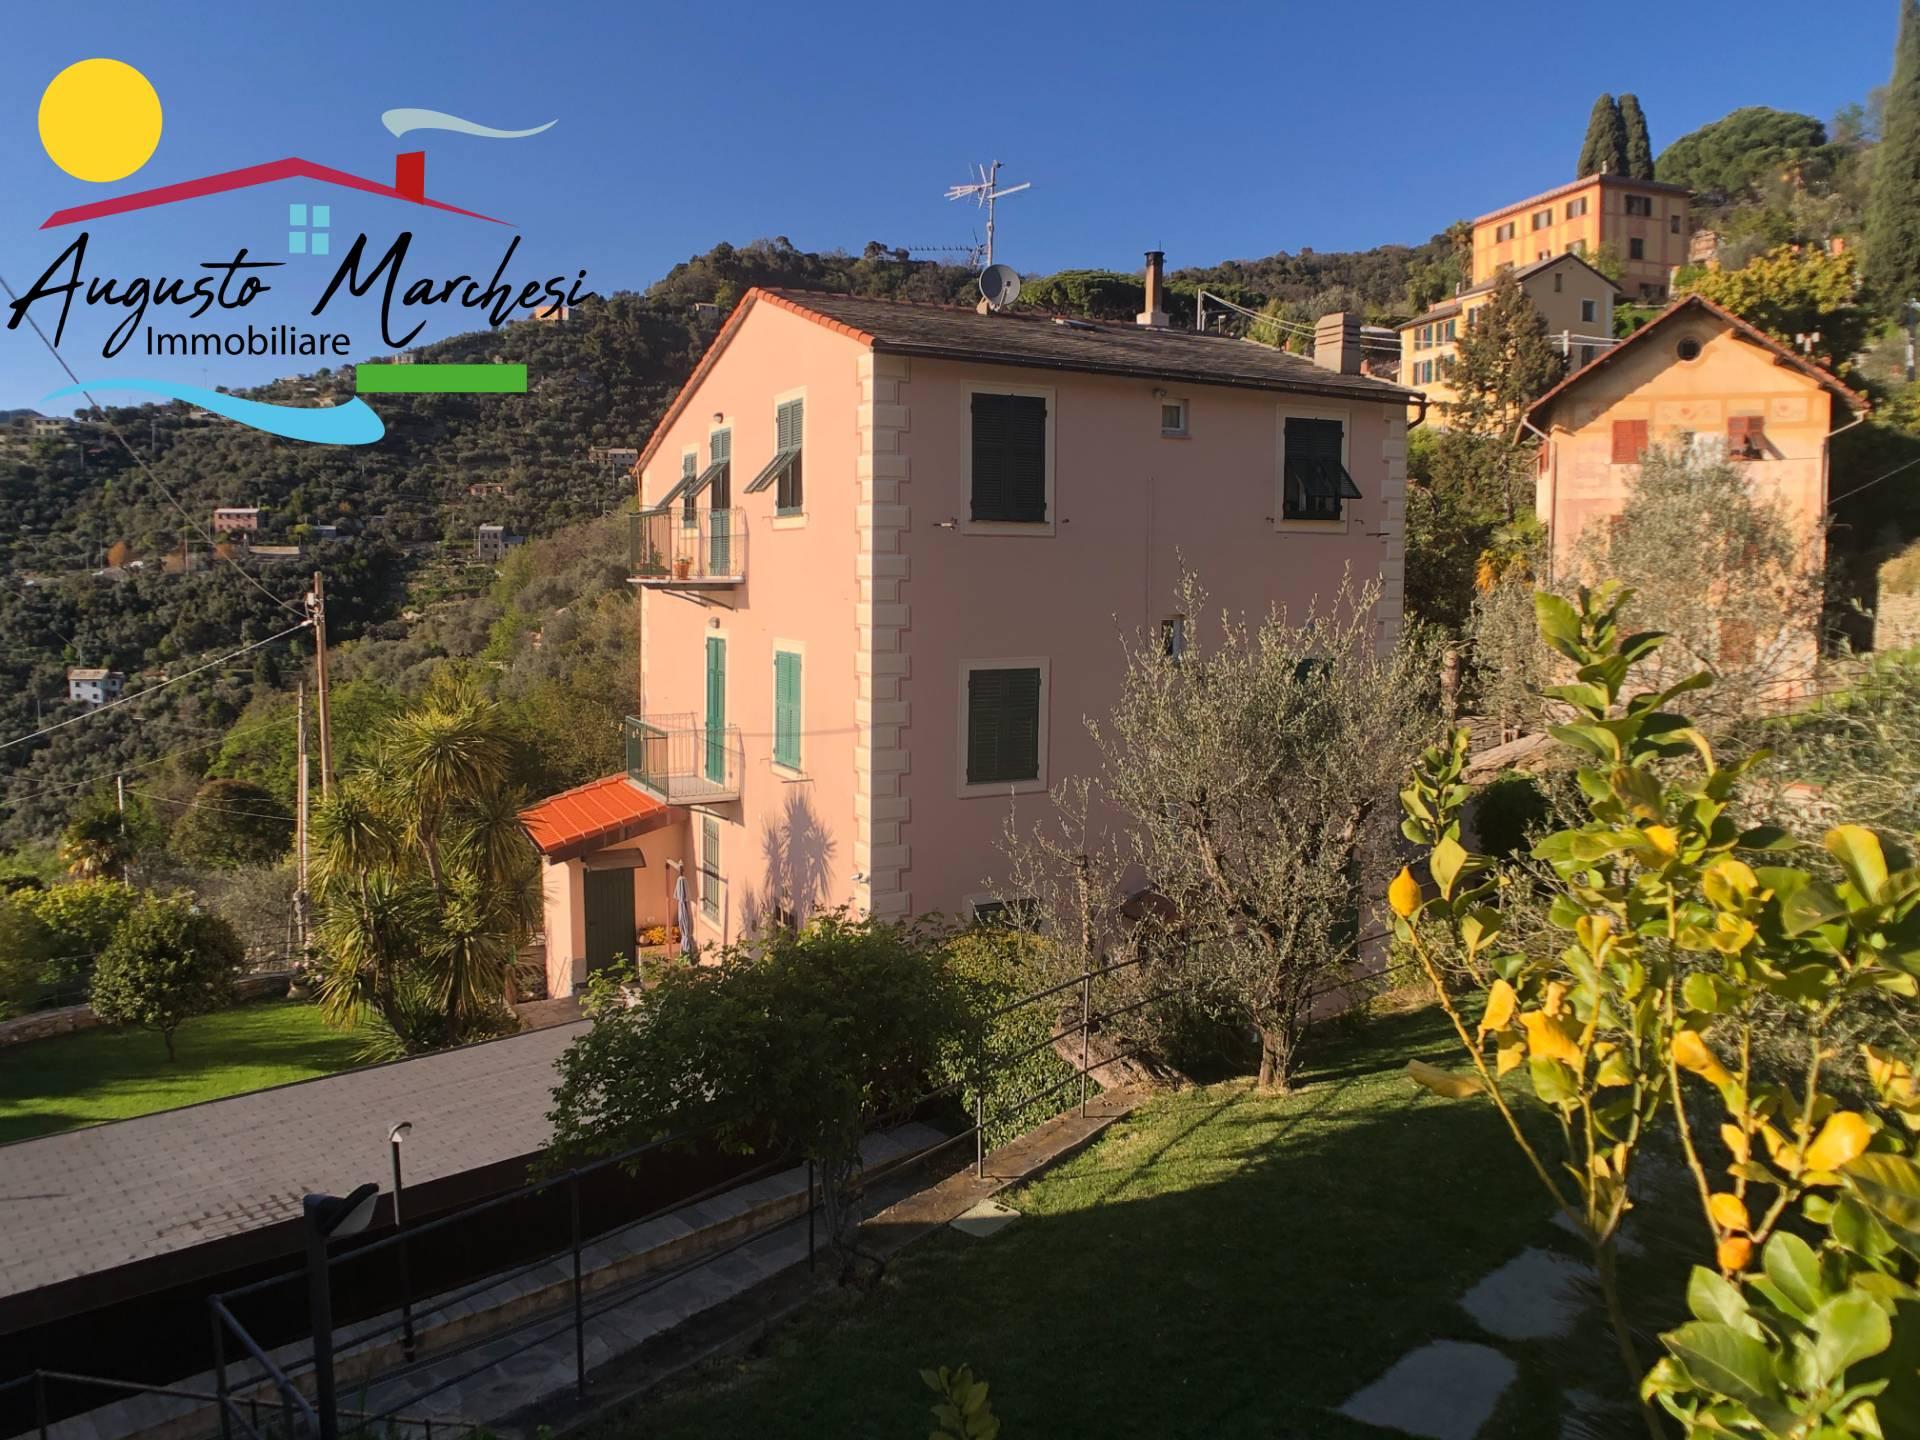 Appartamento in vendita a Recco, 6 locali, zona Località: Carbonarabassa, prezzo € 415.000   PortaleAgenzieImmobiliari.it